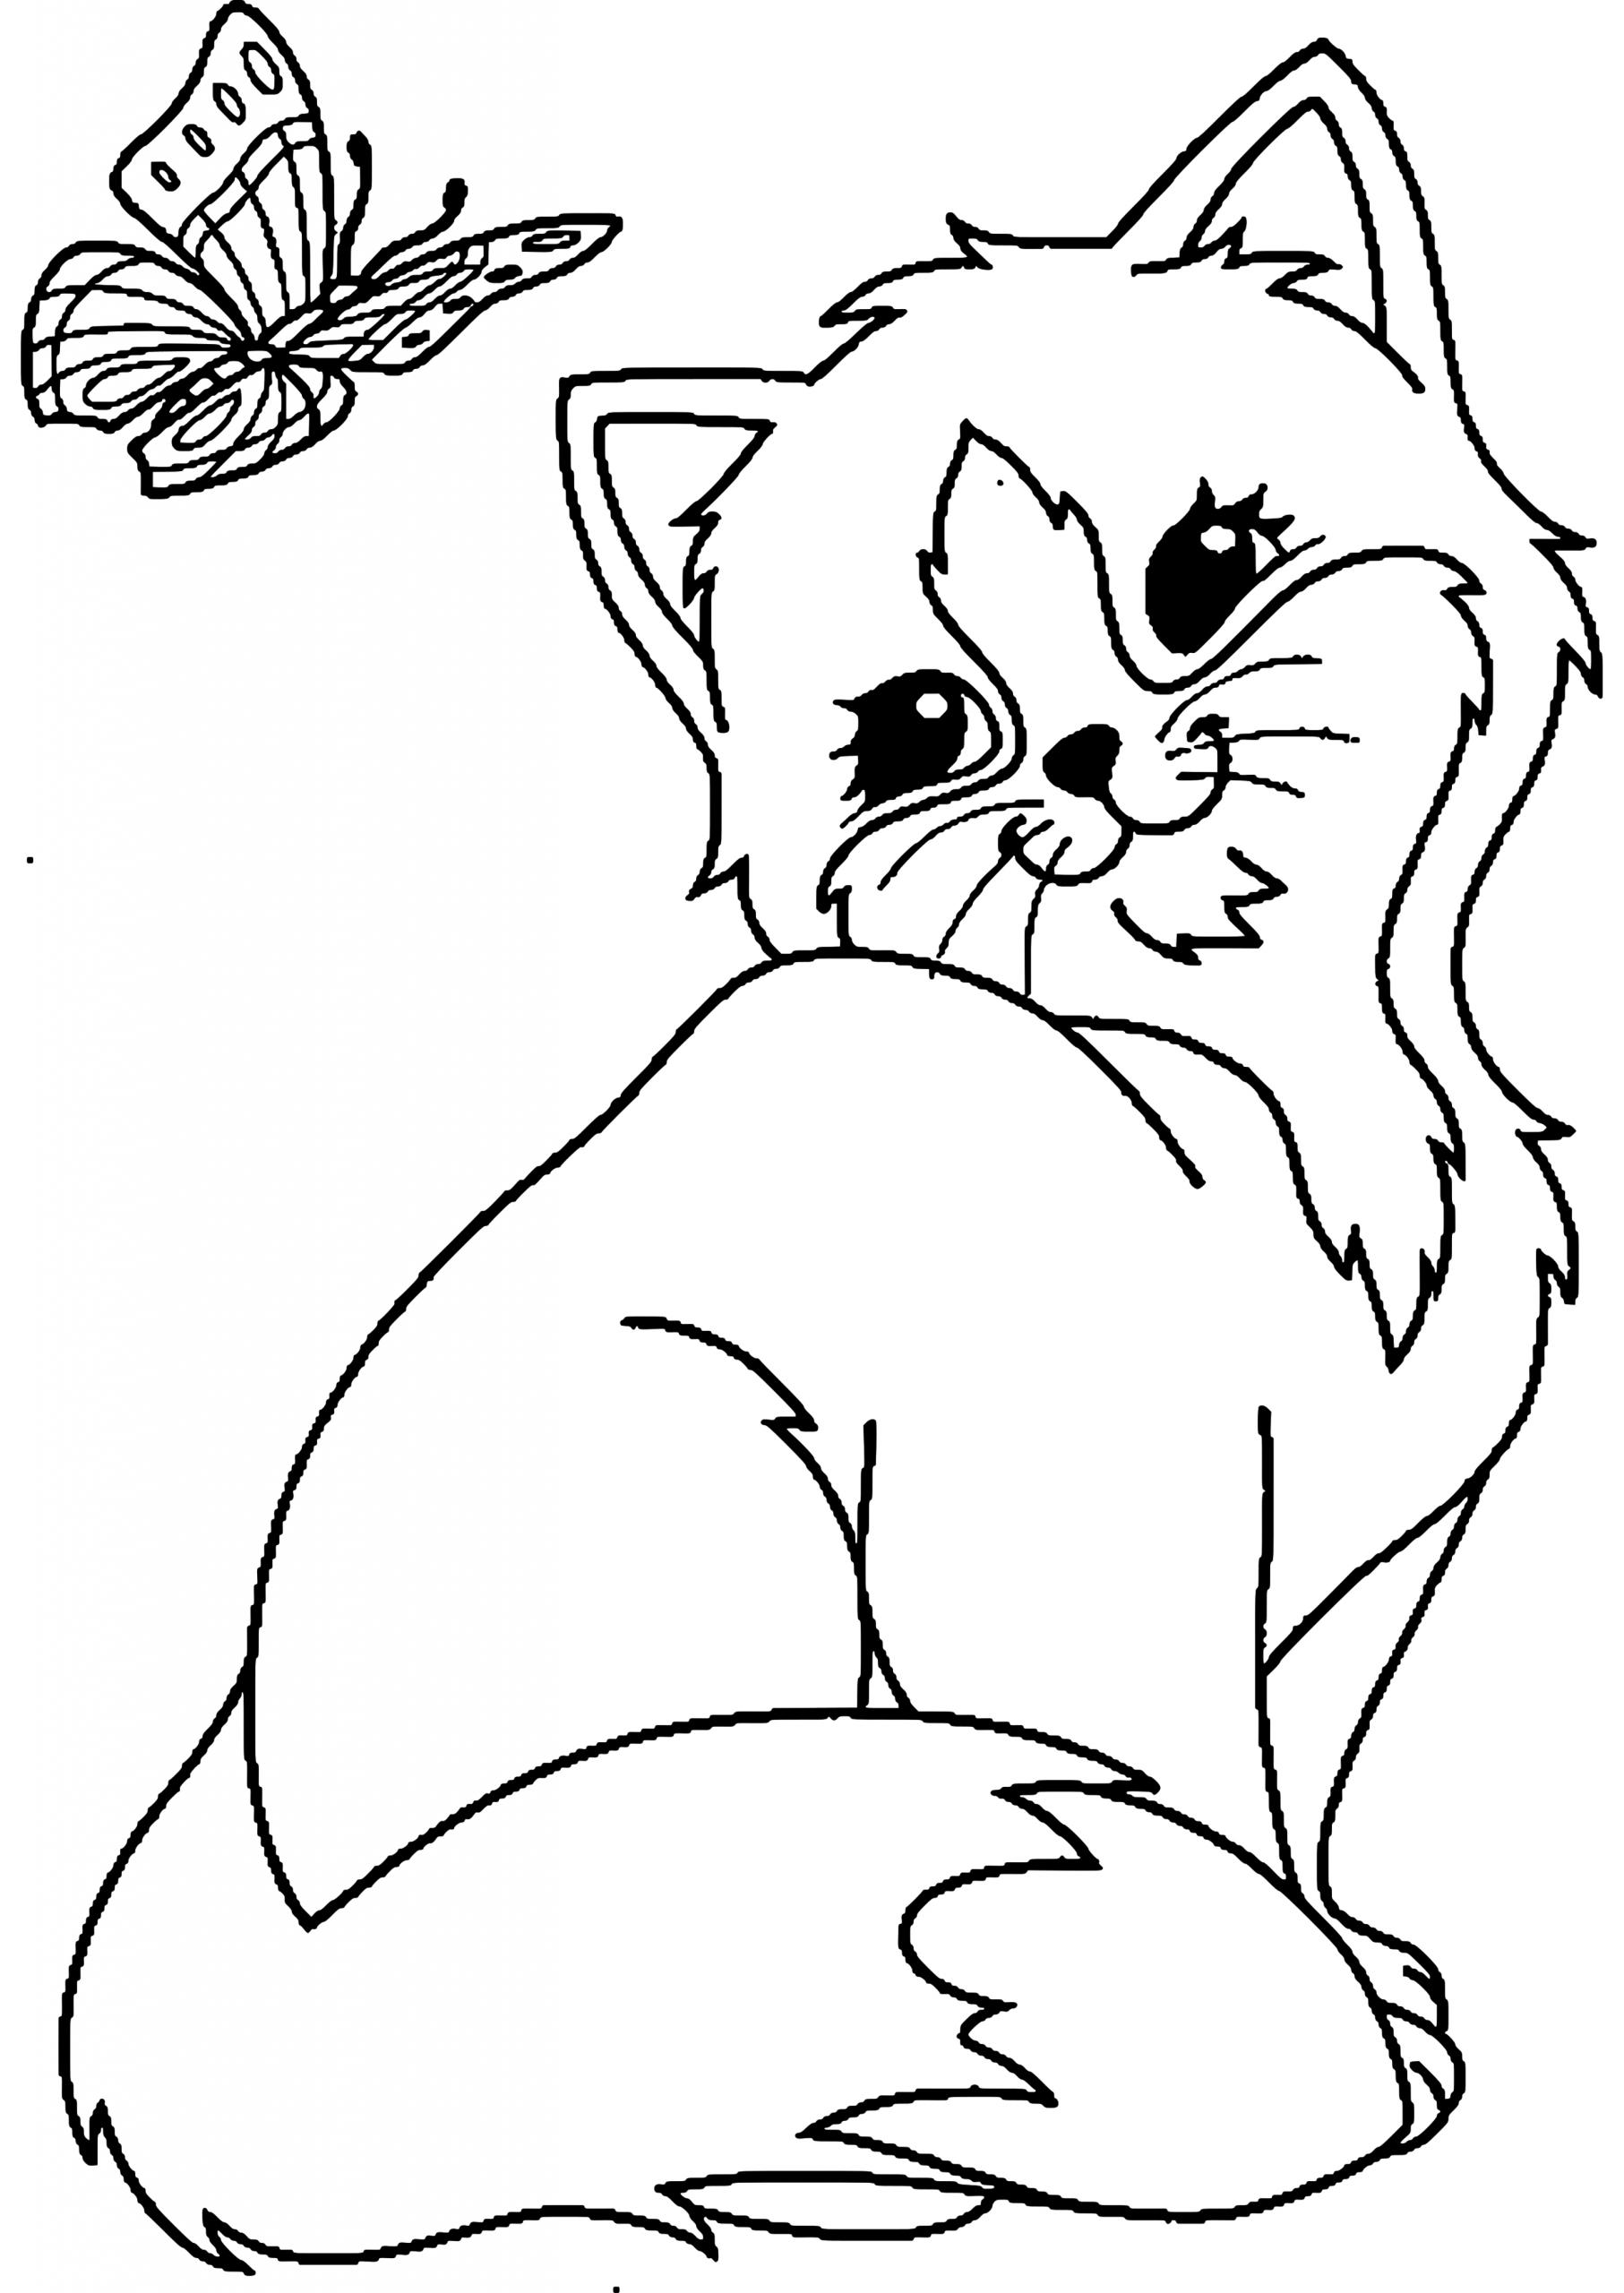 Ausmalbilder Tiere Weihnachten (Mit Bildern) | Ausmalbilder mit Ausmalbilder Katzen Kostenlos